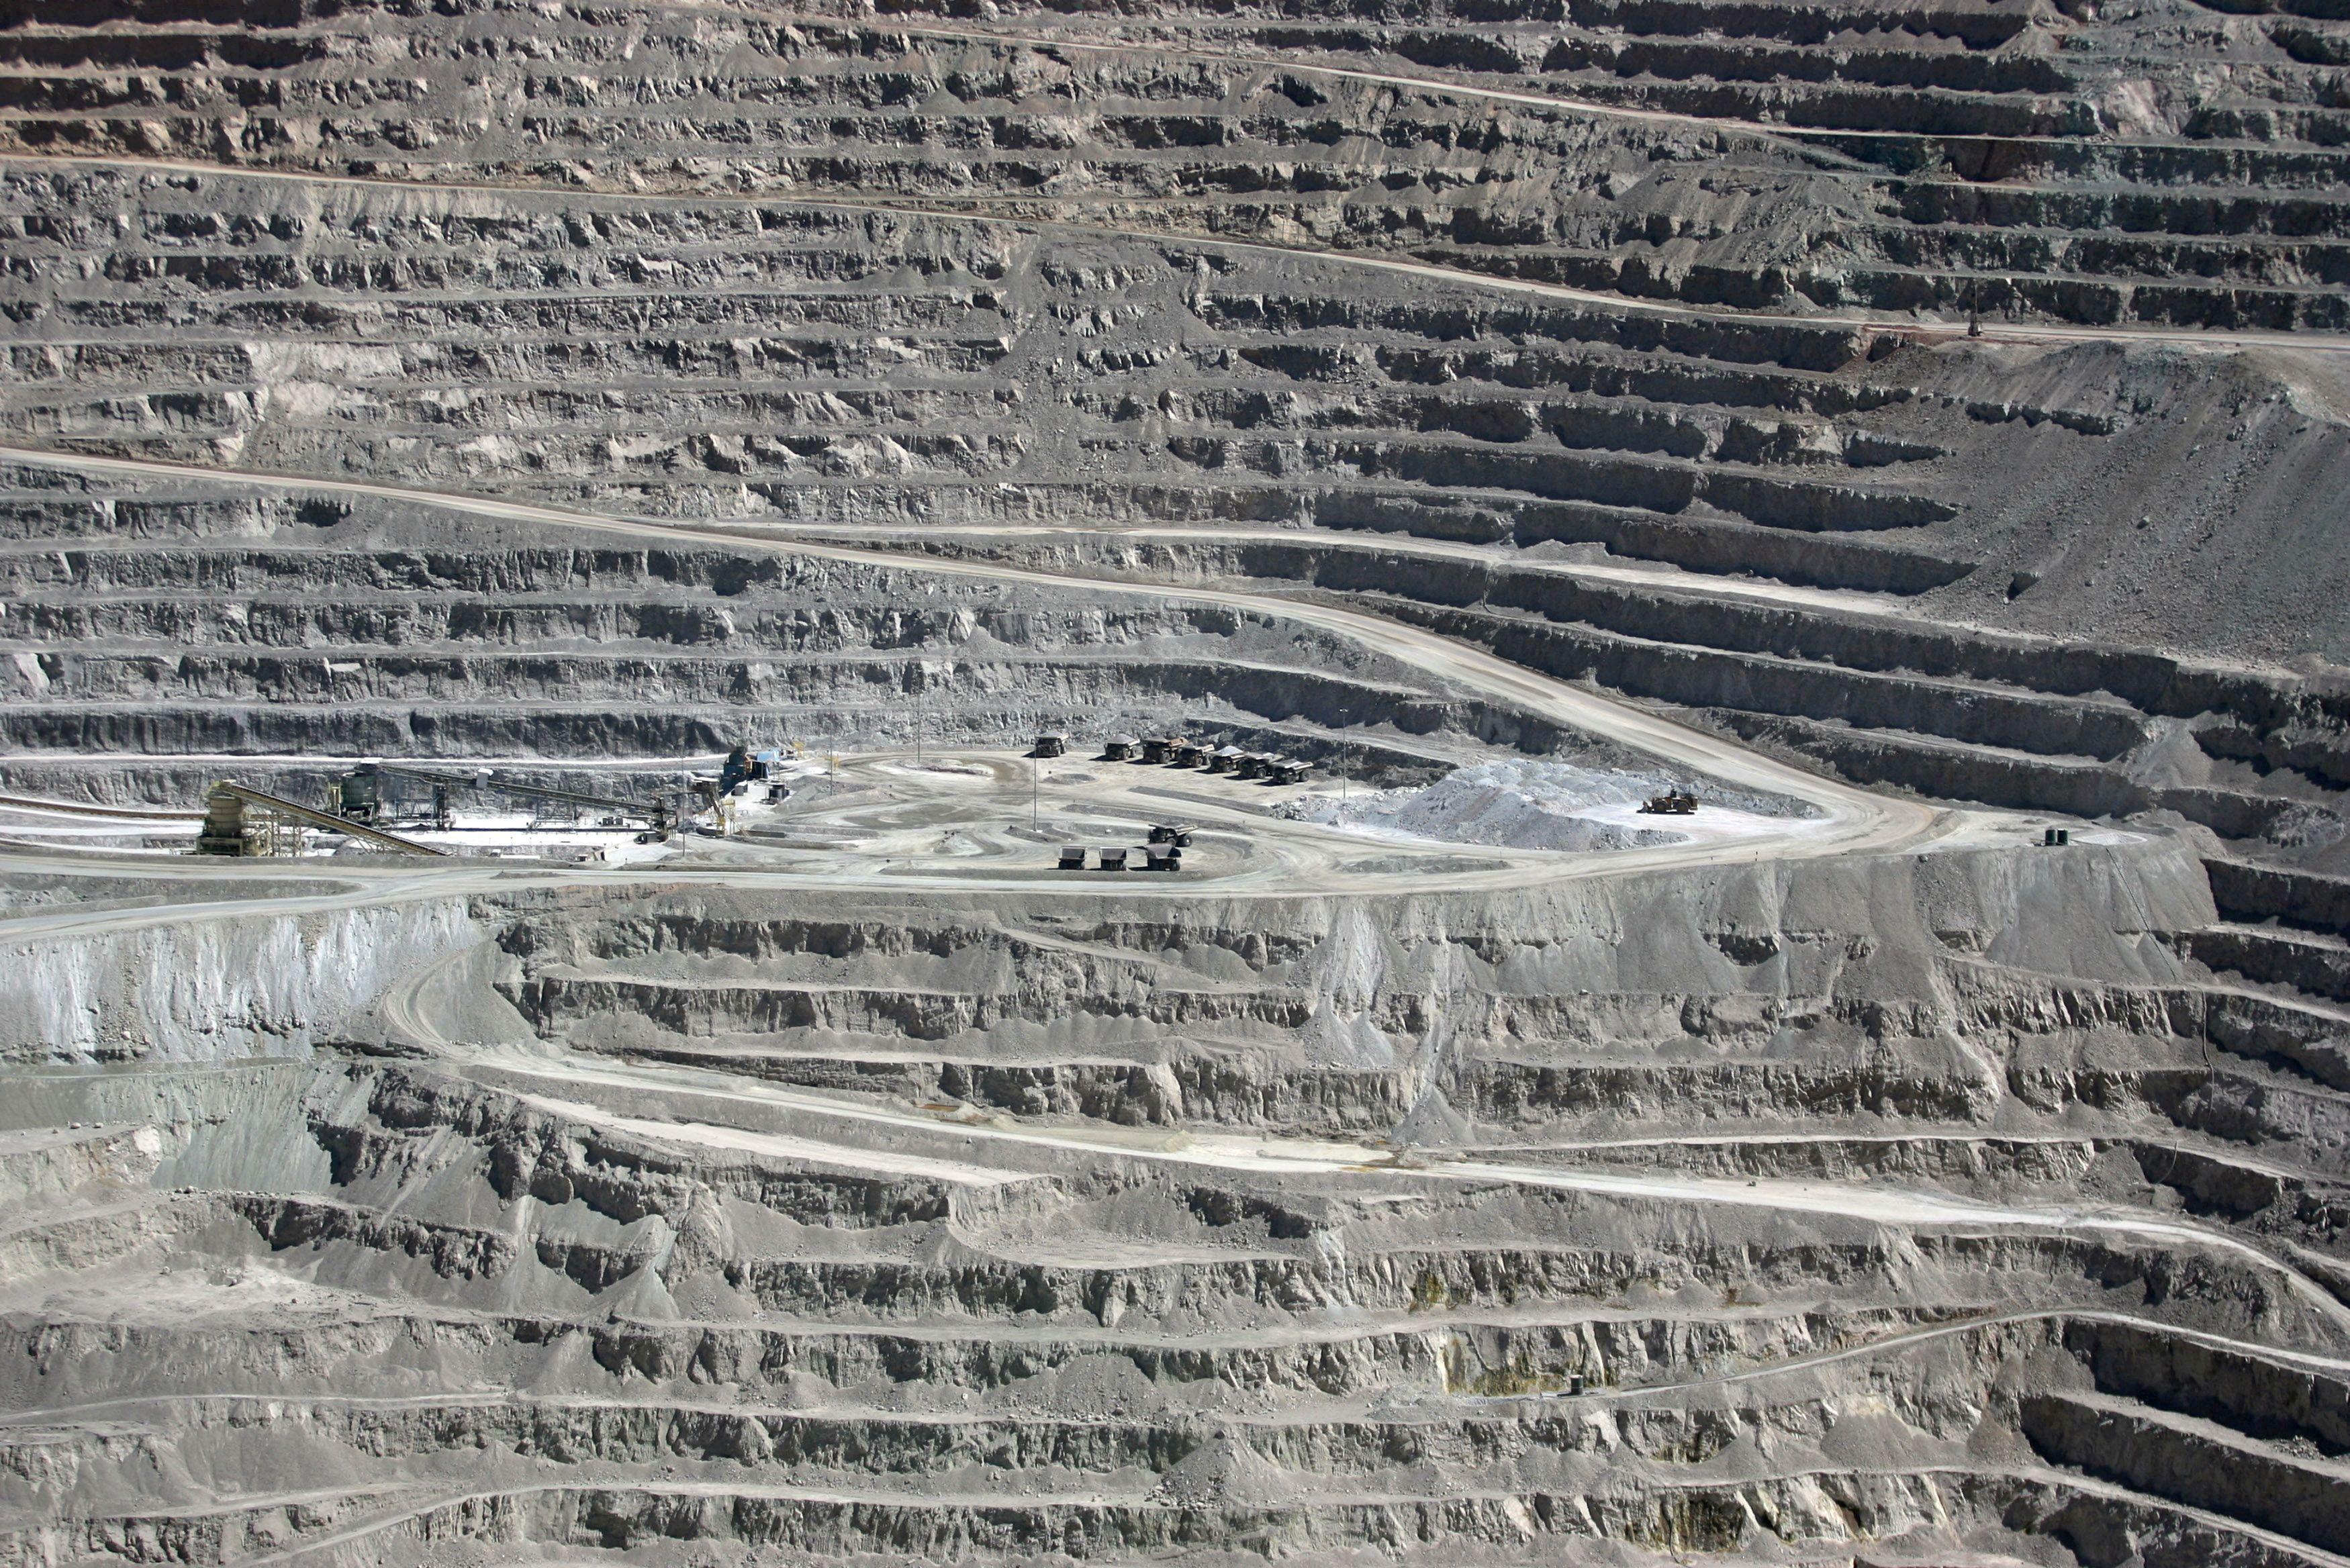 A view of the BHP Billiton's Escondida, the world's biggest copper mine, in northern Chile, in Antofagasta, Chile March 31, 2008. REUTERS/Ivan Alvarado